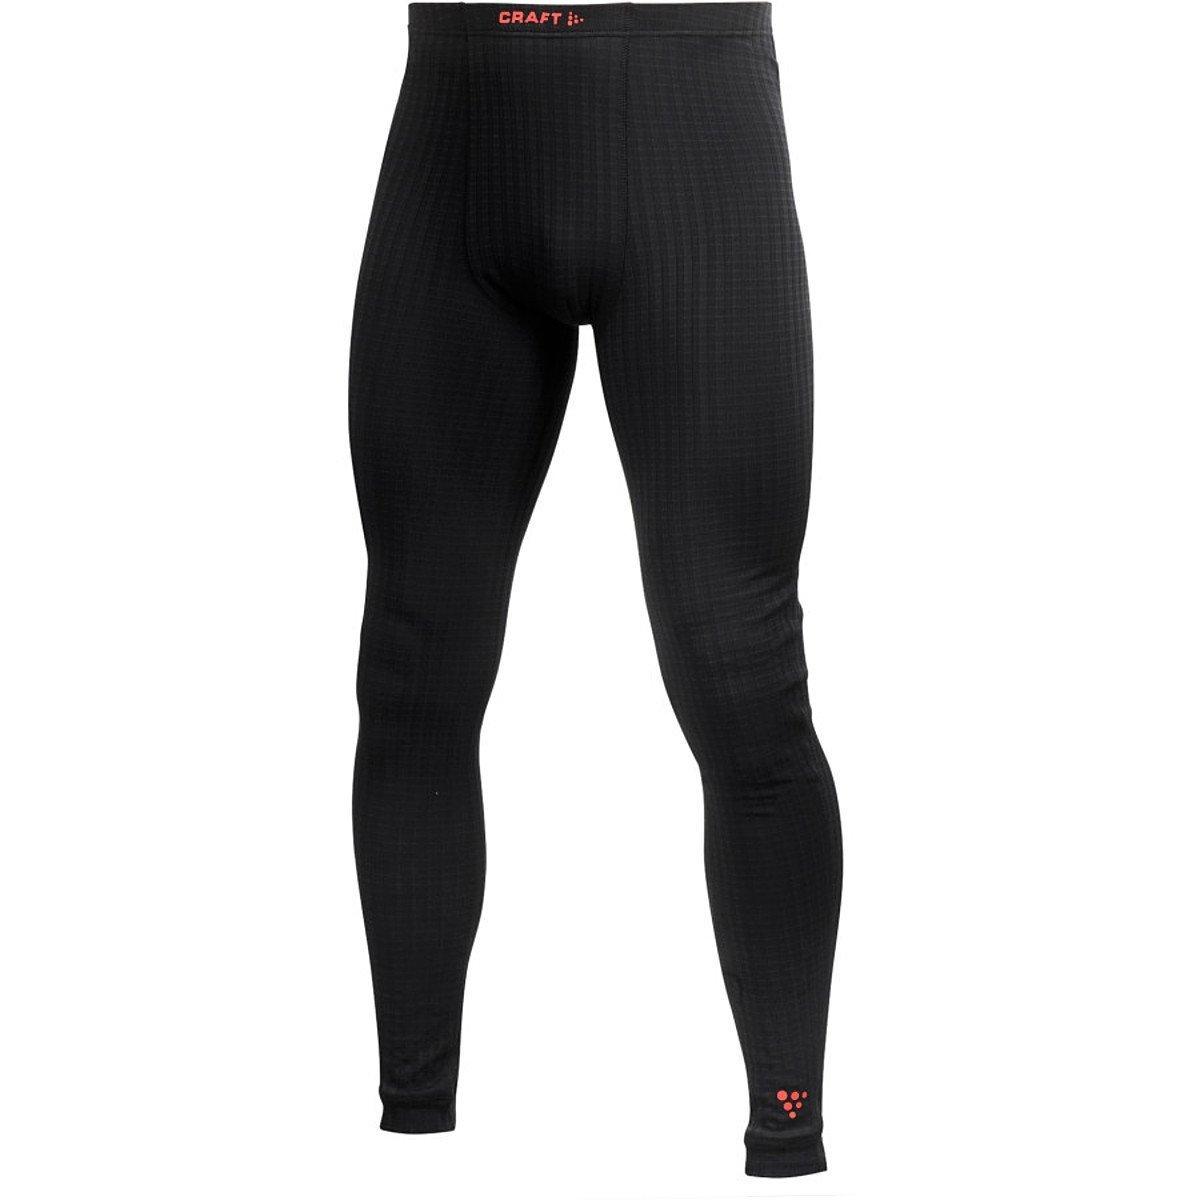 Craft Herren Unterhose Active Extreme Lange